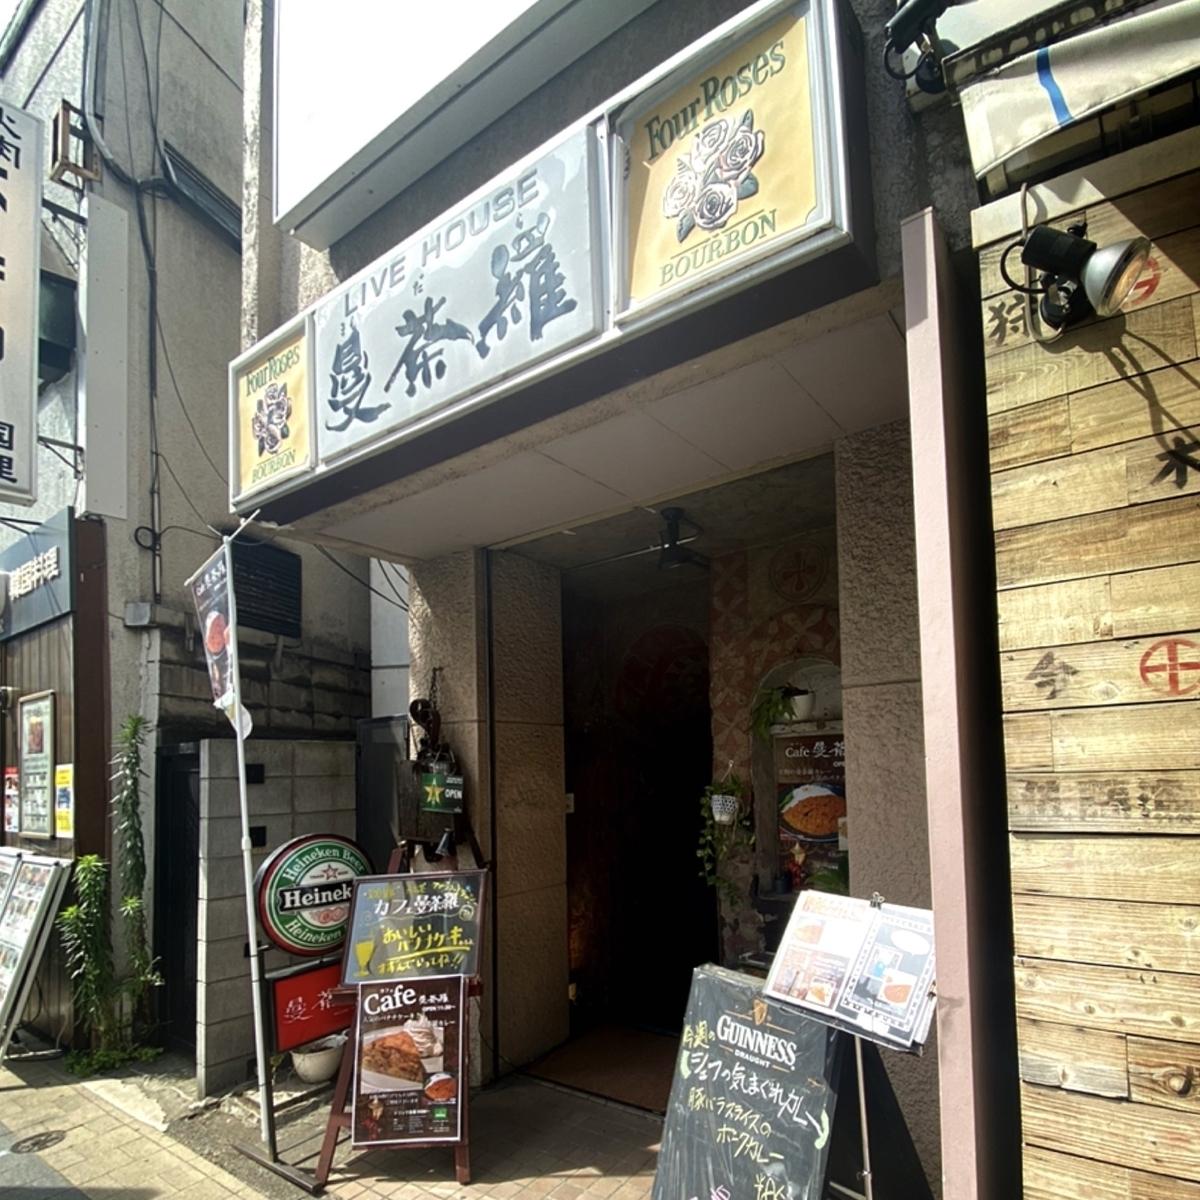 「曼茶羅(まんだら)」は単にカフェ利用としてもデート利用としてもおすすめの素敵カフェ